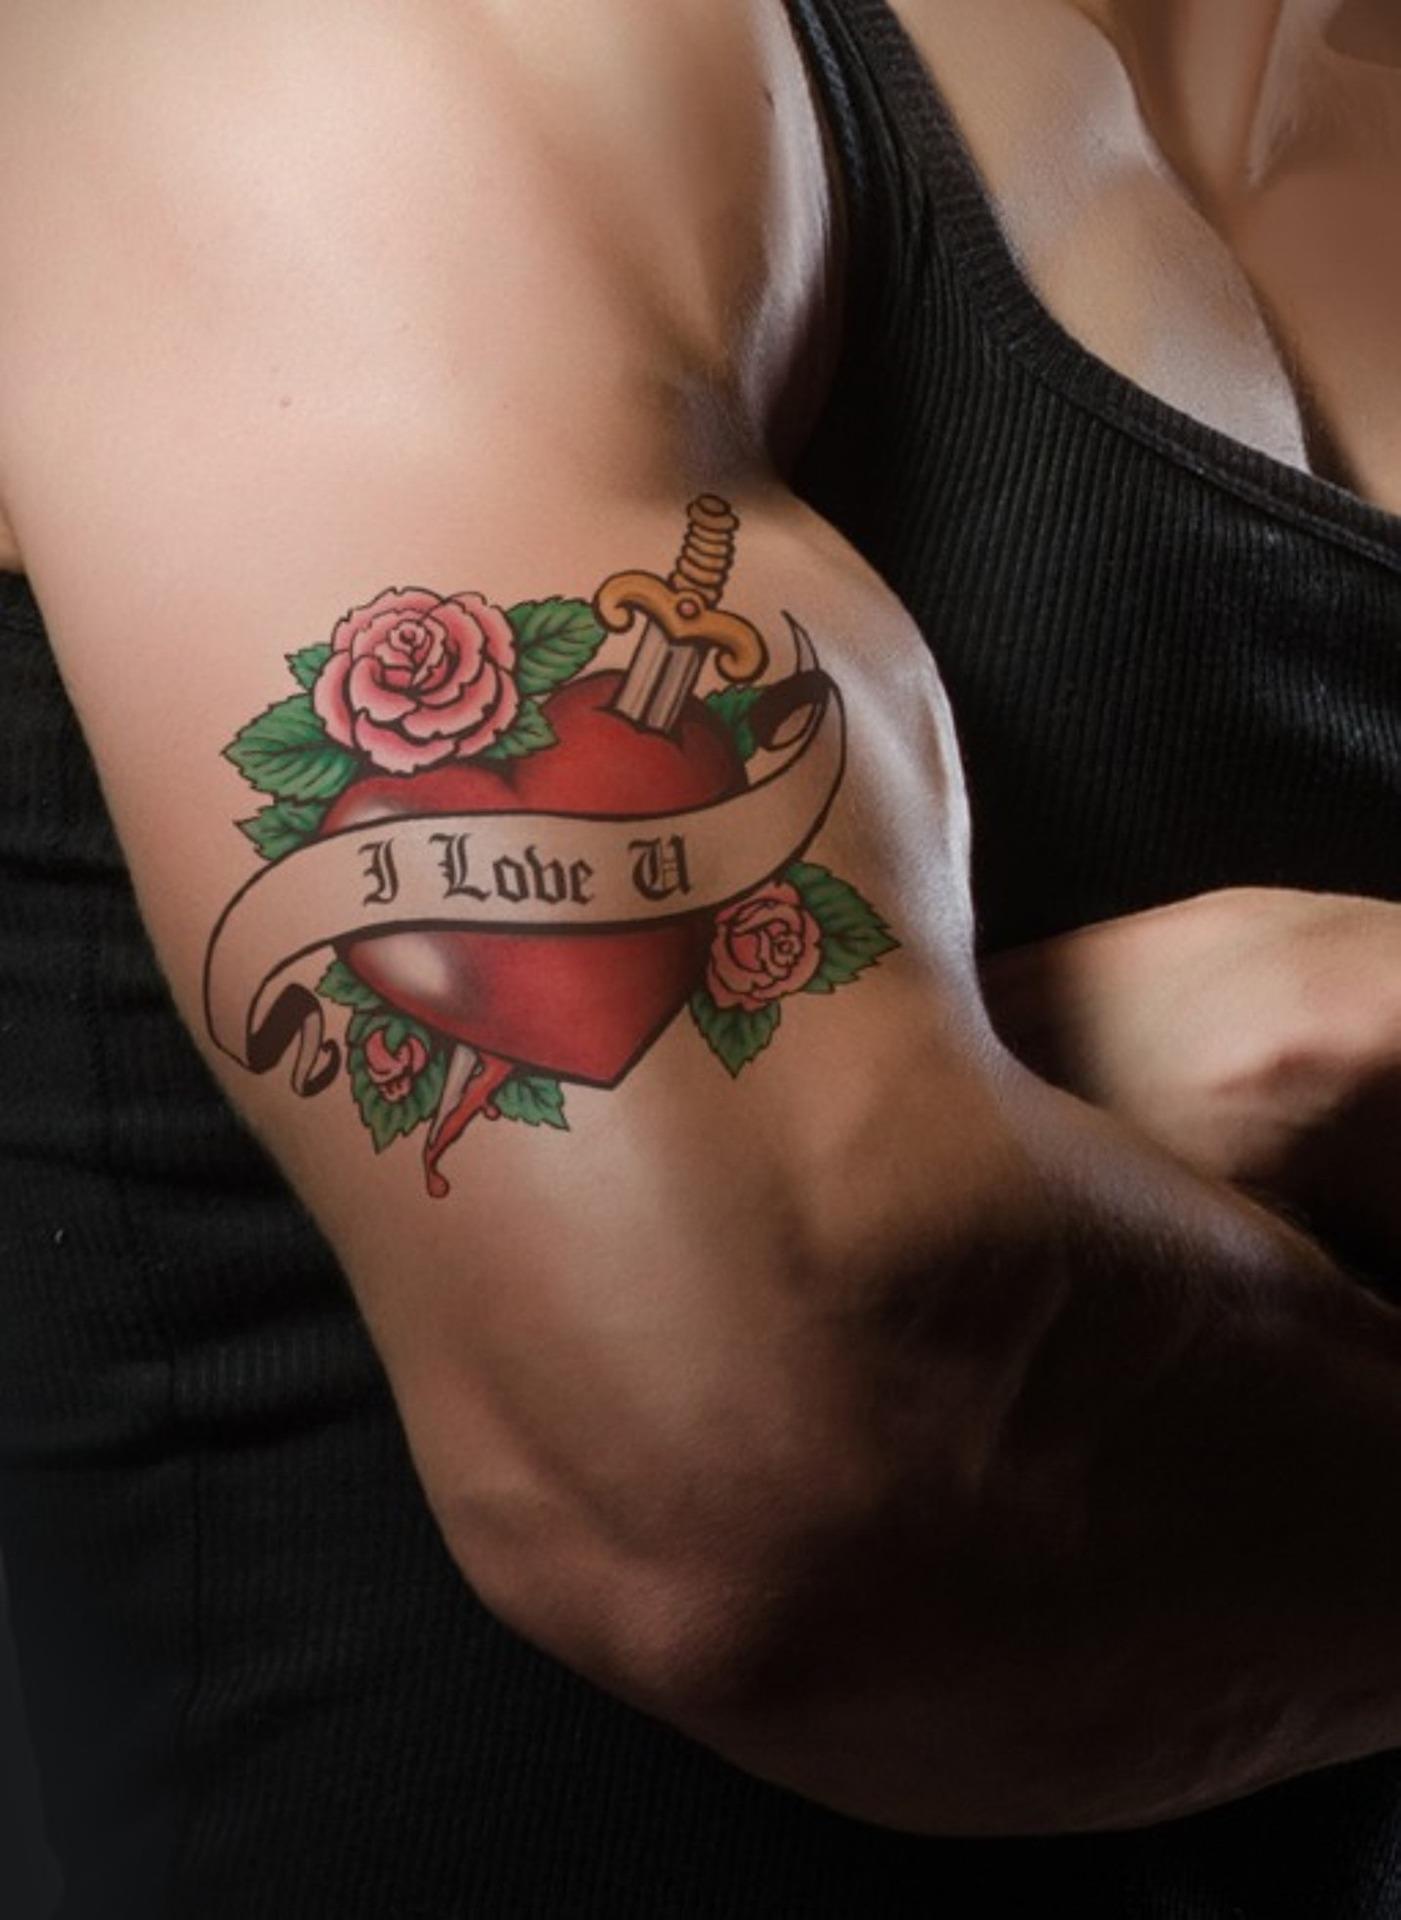 tattoo-702133_1920.jpg